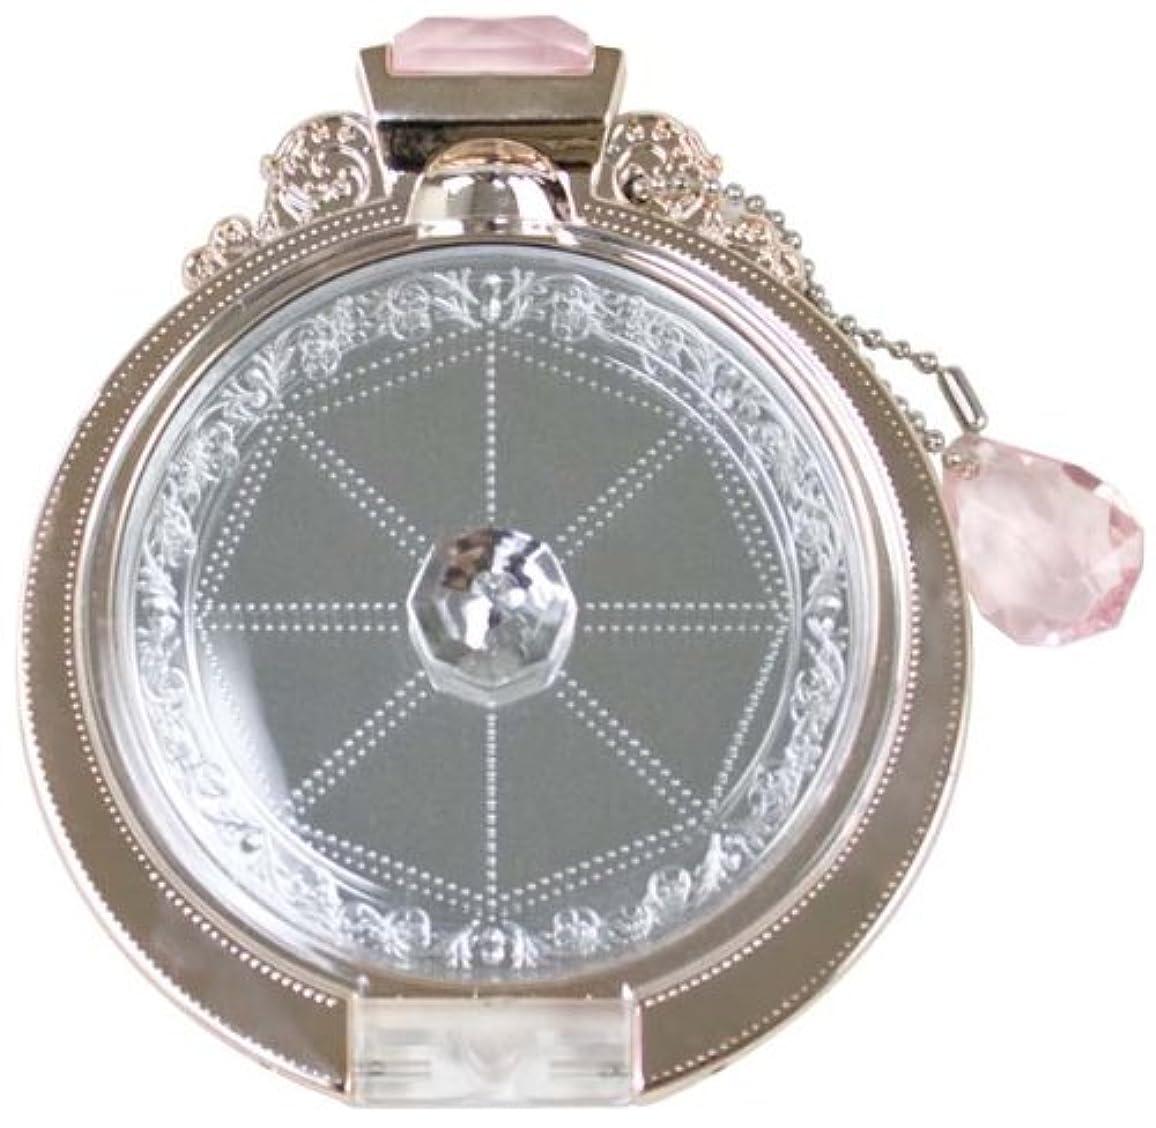 一晩防腐剤担保Diamond Ring compactmirror(PINK GOLD)YRG-800